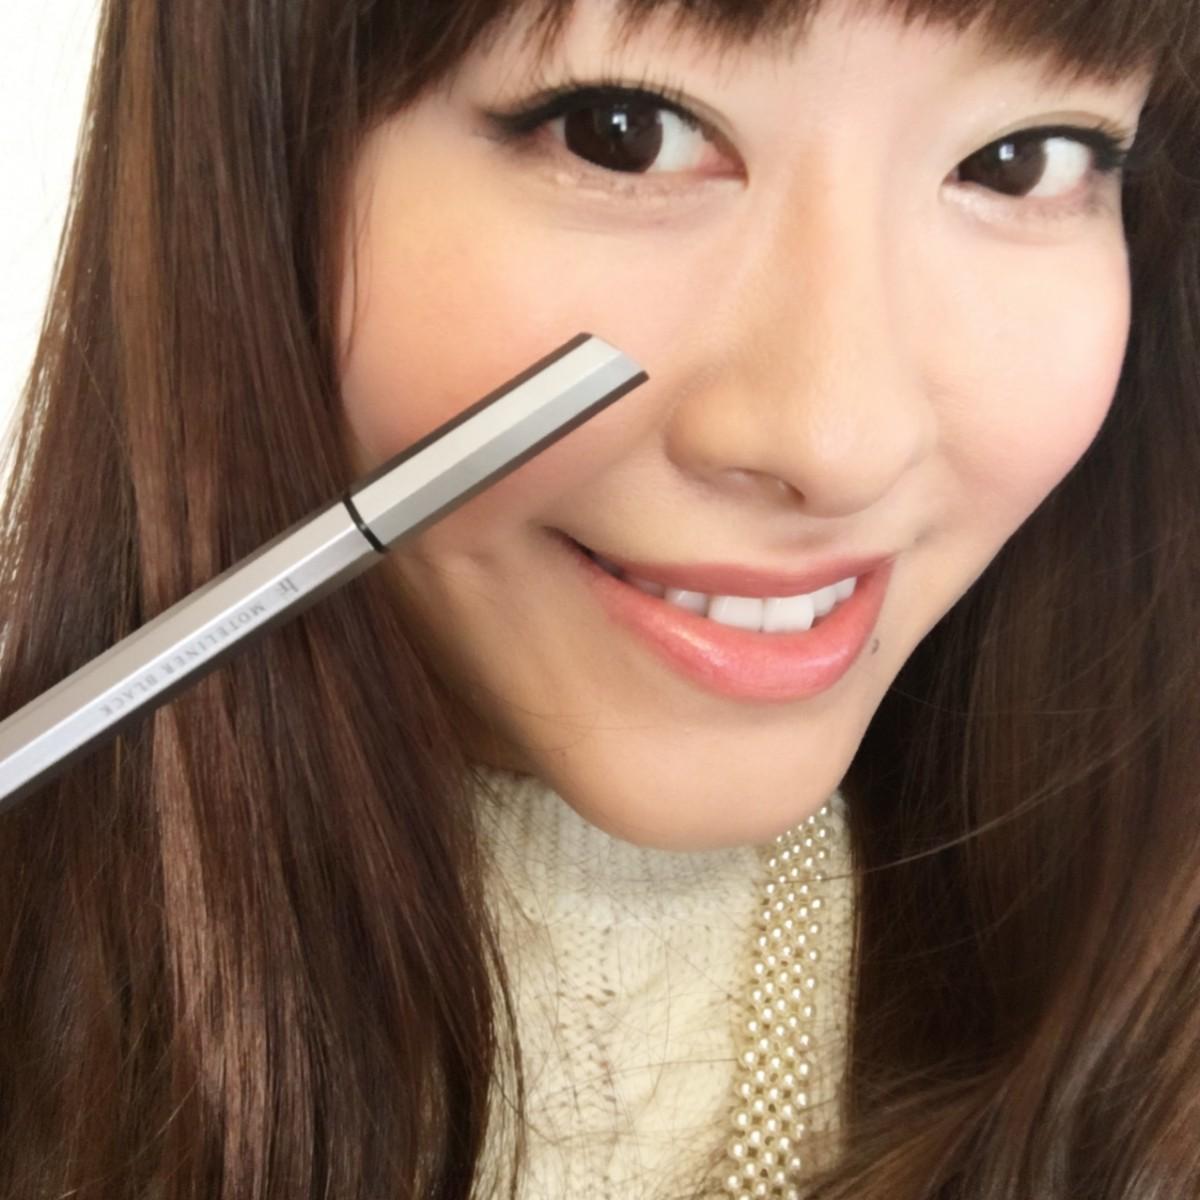 【プチプラコスメ】極上の匠の筆を1500円で♡コスパ最高アイライナー♪